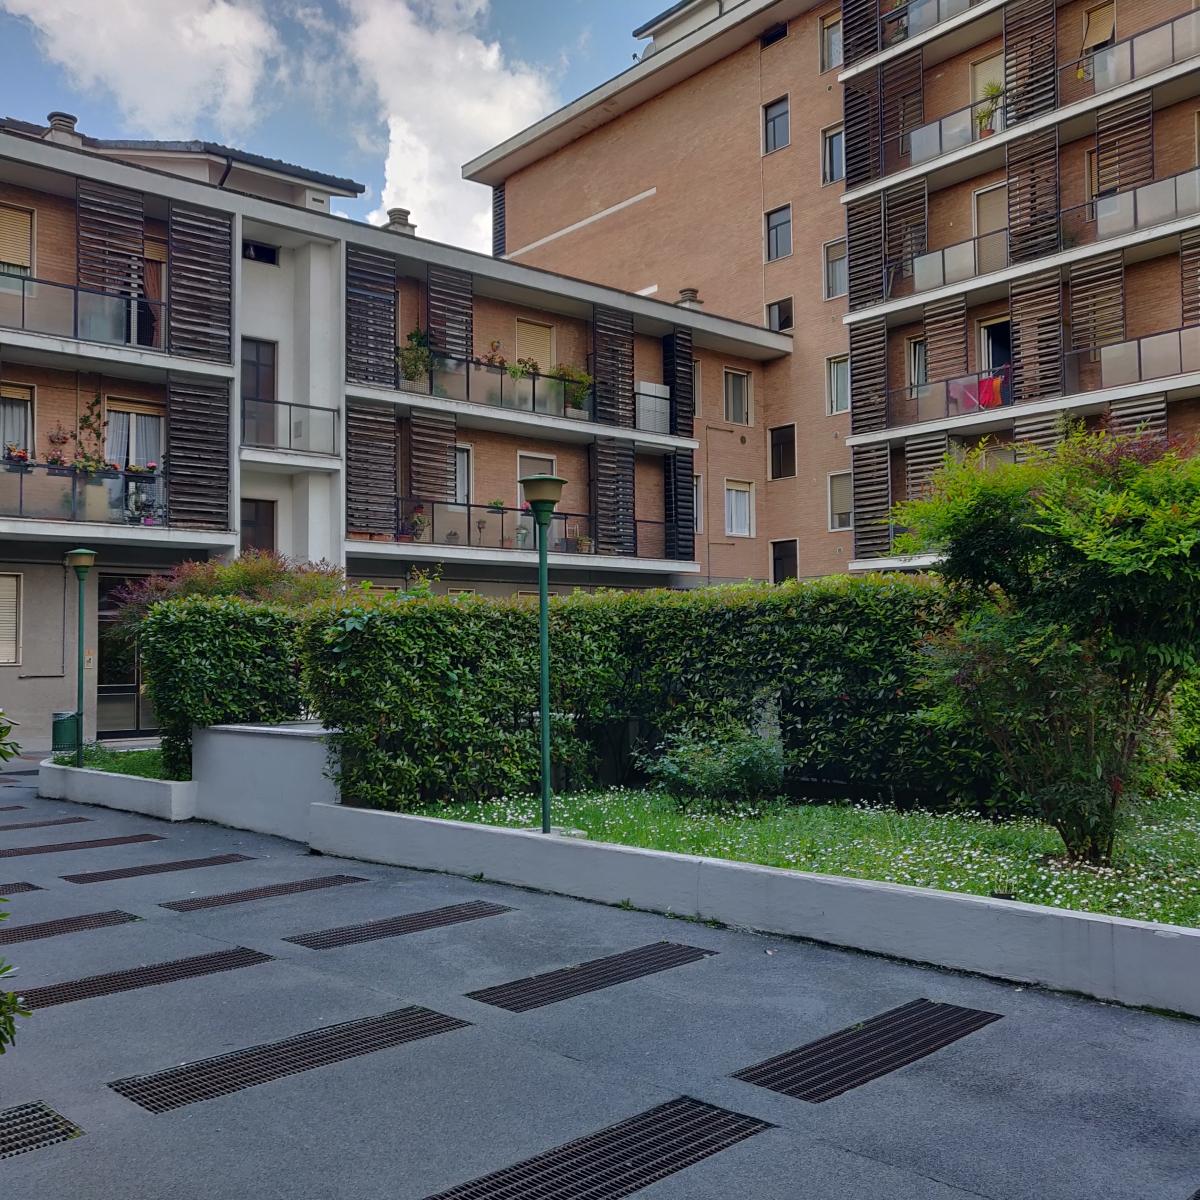 appartamento-in-vendita-baggio-via-gianella-3-locali-spaziourbano-immobiliare-vende-14